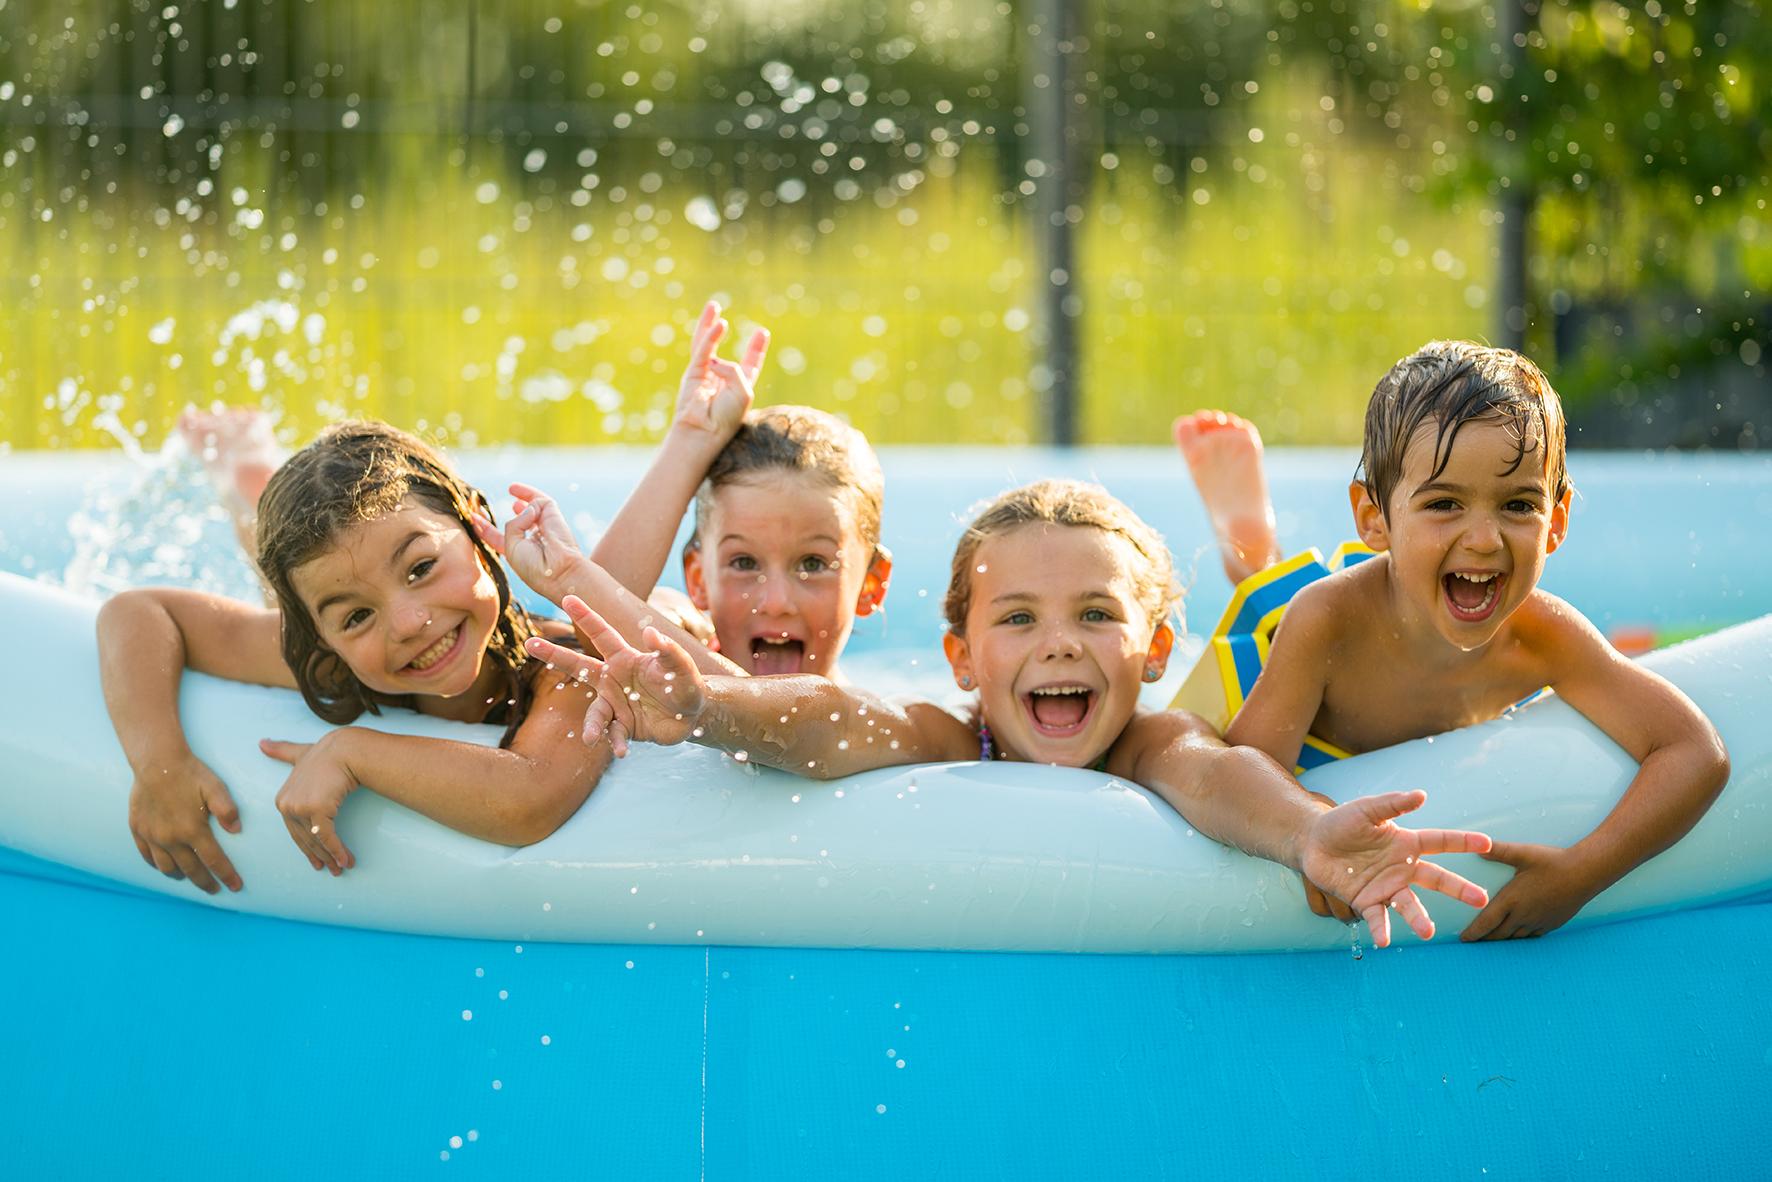 Op deze foto zie je spelende kinderen in een badje